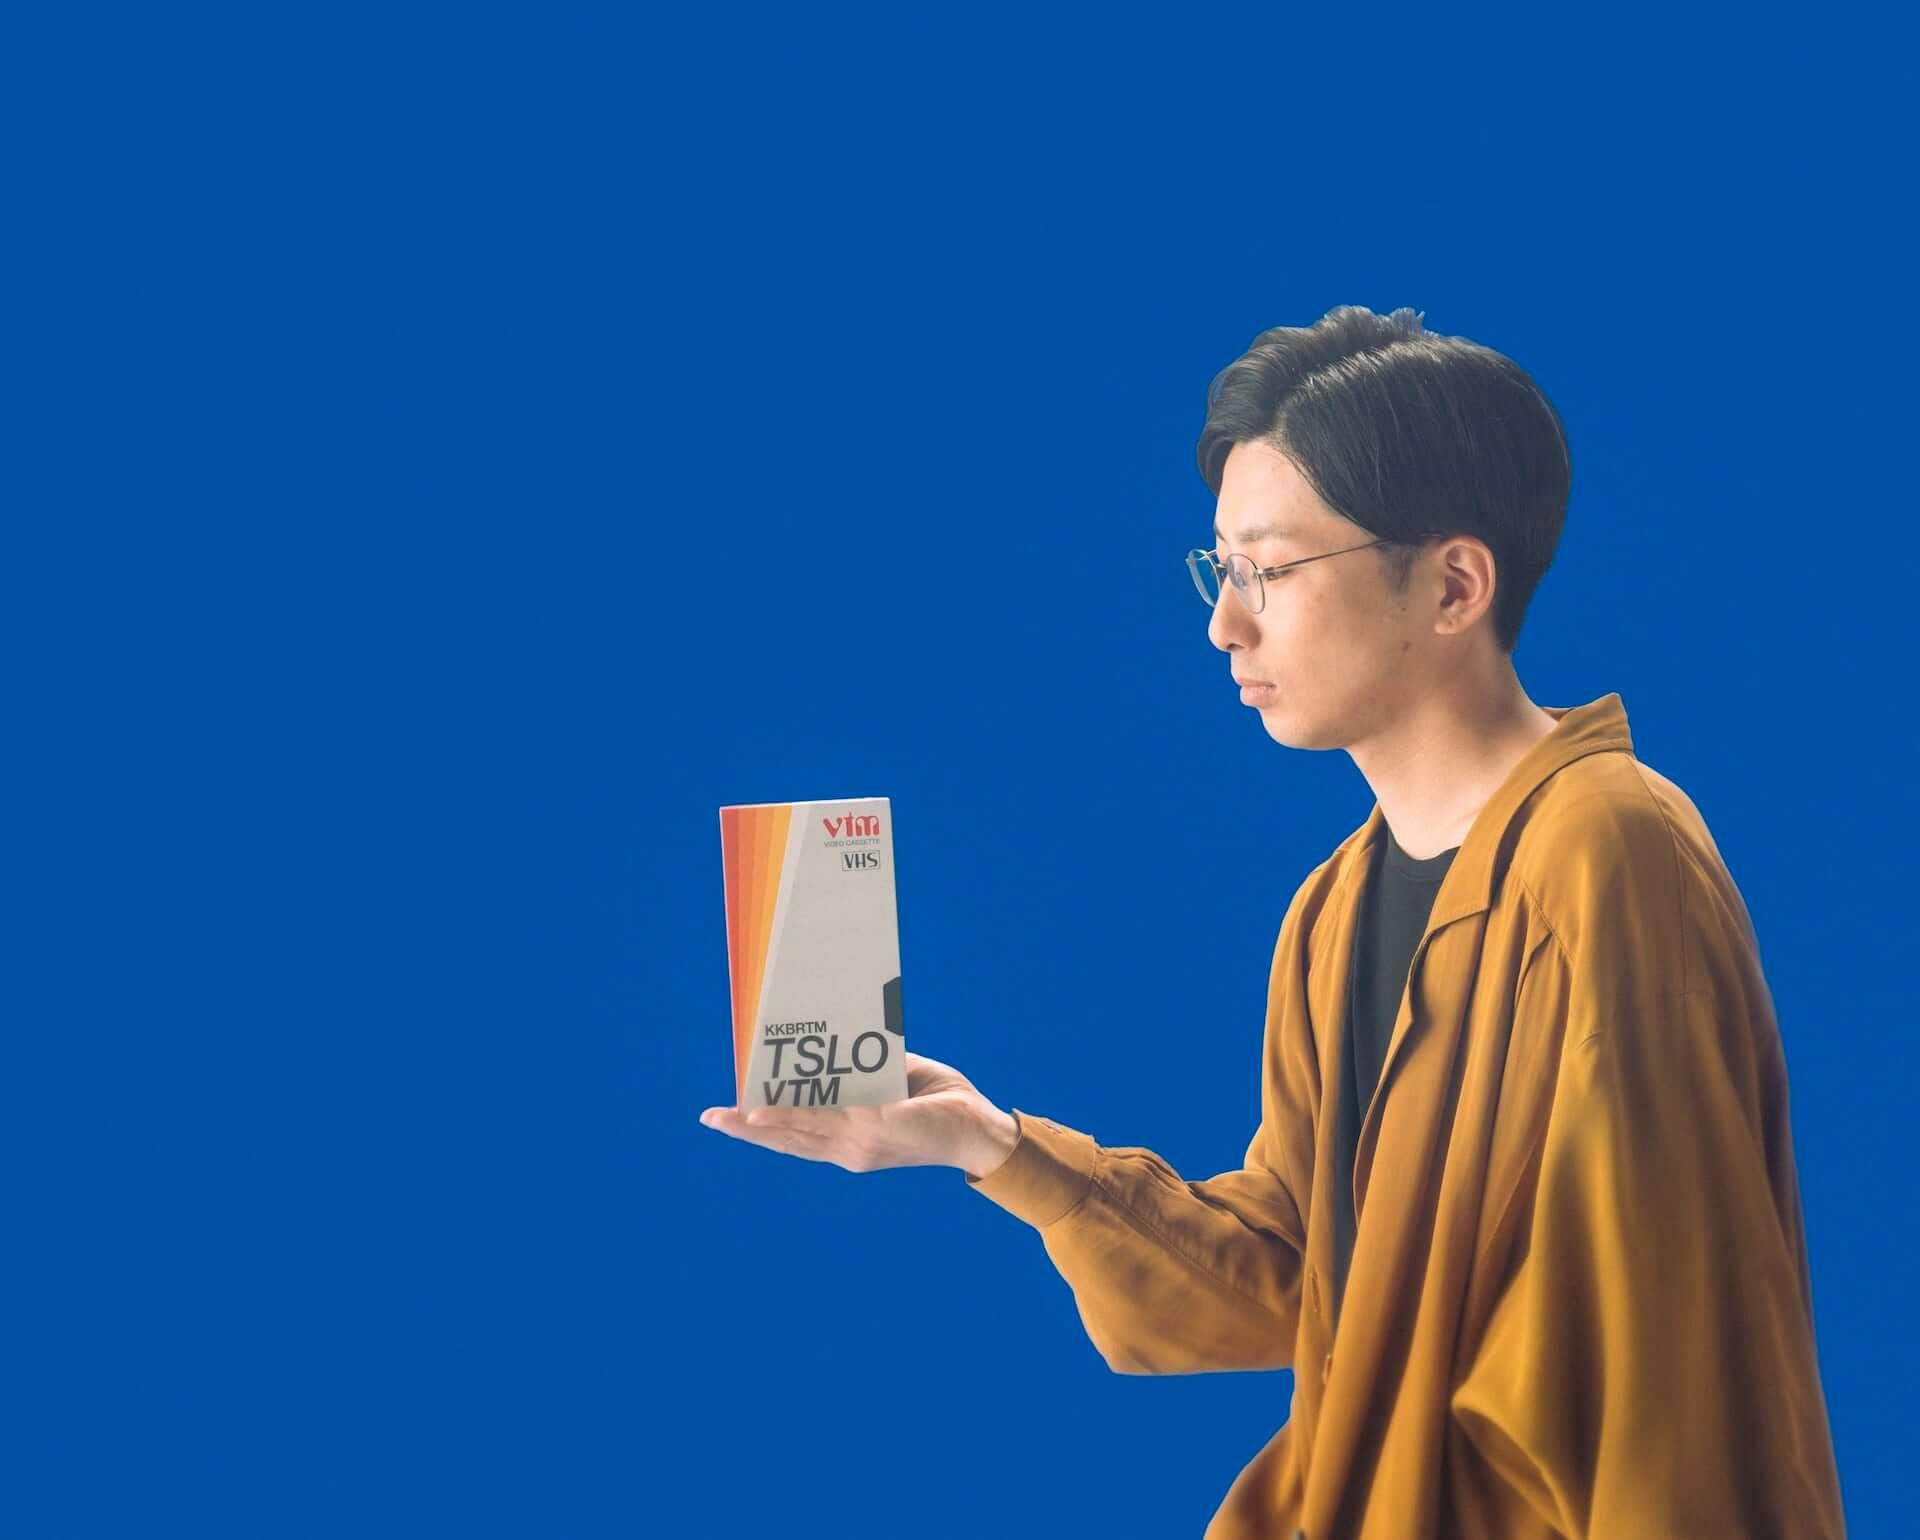 新たなプレイリストメディア「KIPP」がローンチ!BIM、AAAMYYY、VIDEOTAPEMUSIC、櫻木大悟、塩塚モエカも参加 music200925_kipp_4-1920x1540